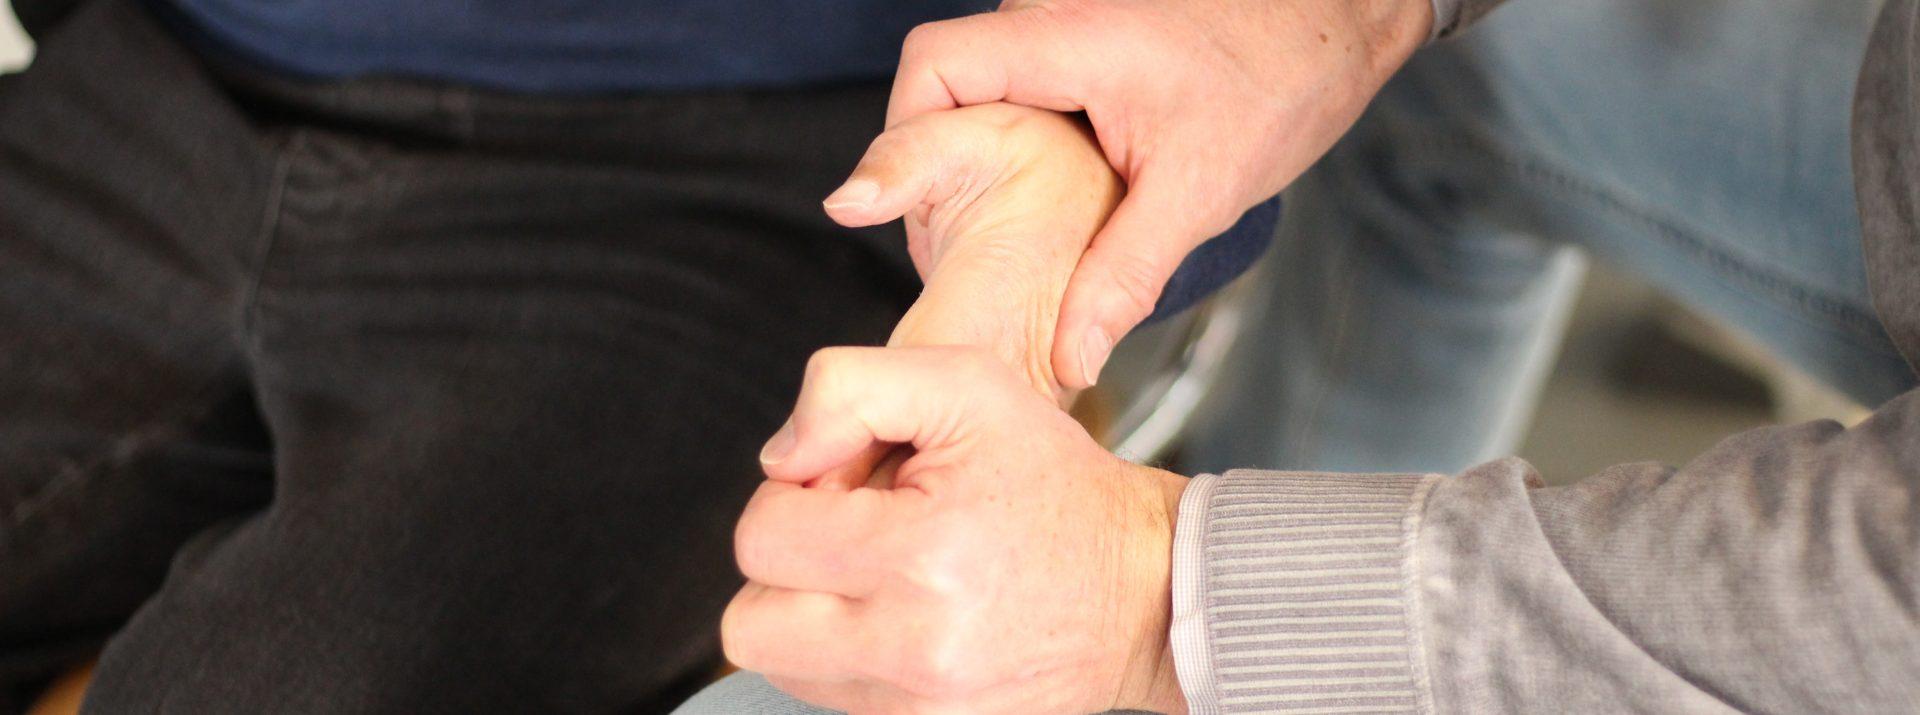 Heeft u last van uw spieren, banden of gewrichten? Wij kunnen helpen!